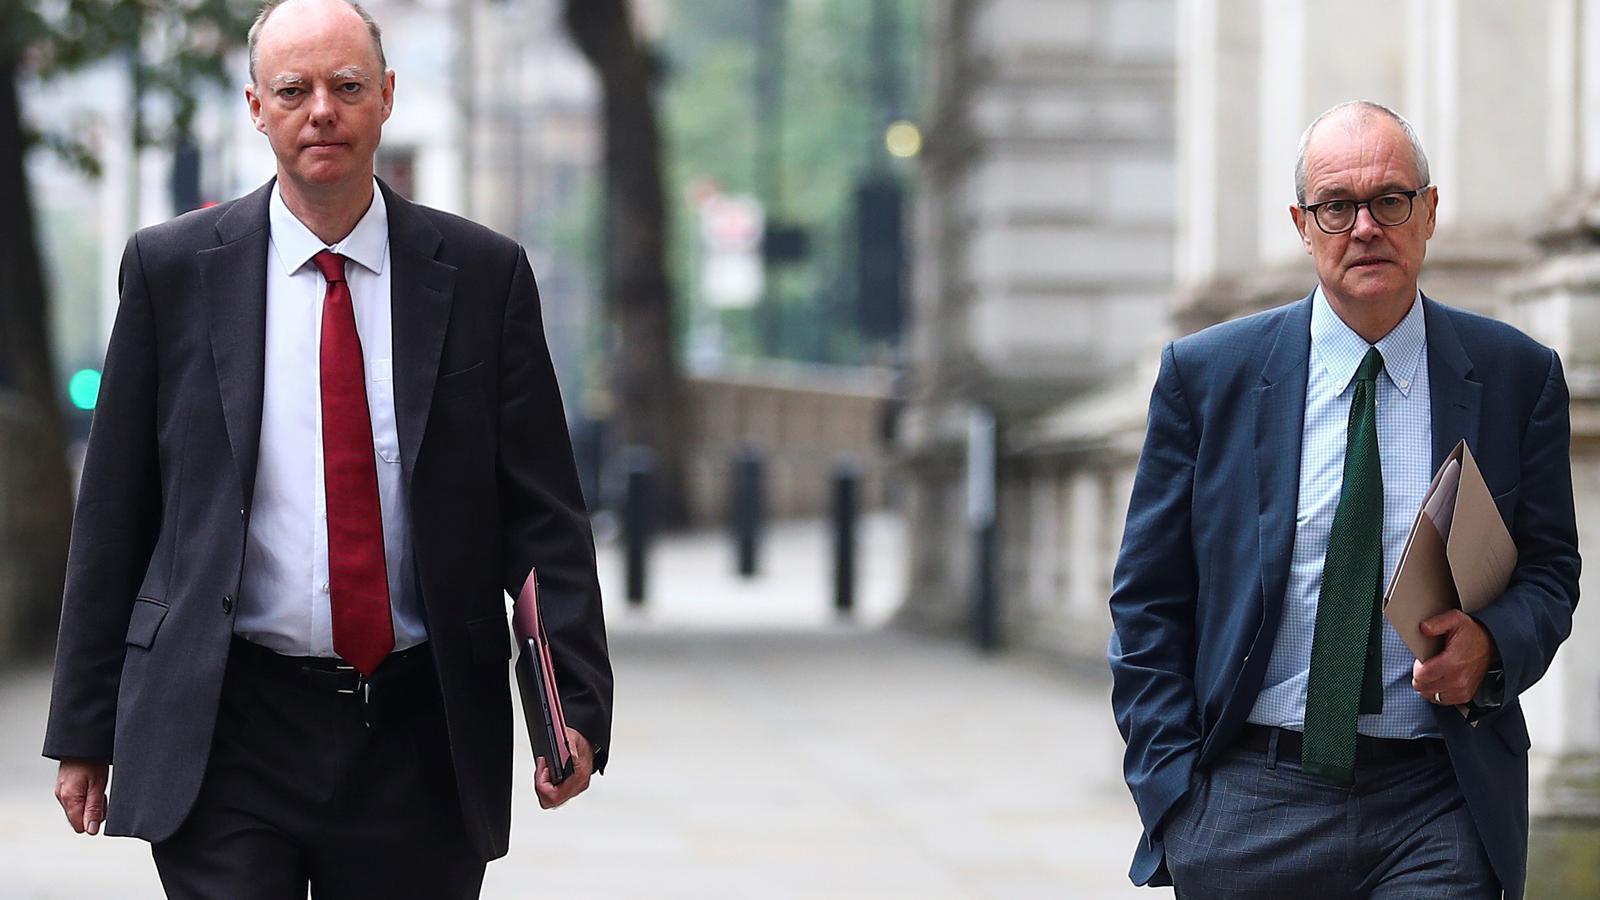 Chris Witthy i Patrick Vallance, aquest dilluns, dirigint-se cap a Downing Street des d'on han llançat un molt seriós advertitment a tota la població del Regne Unit